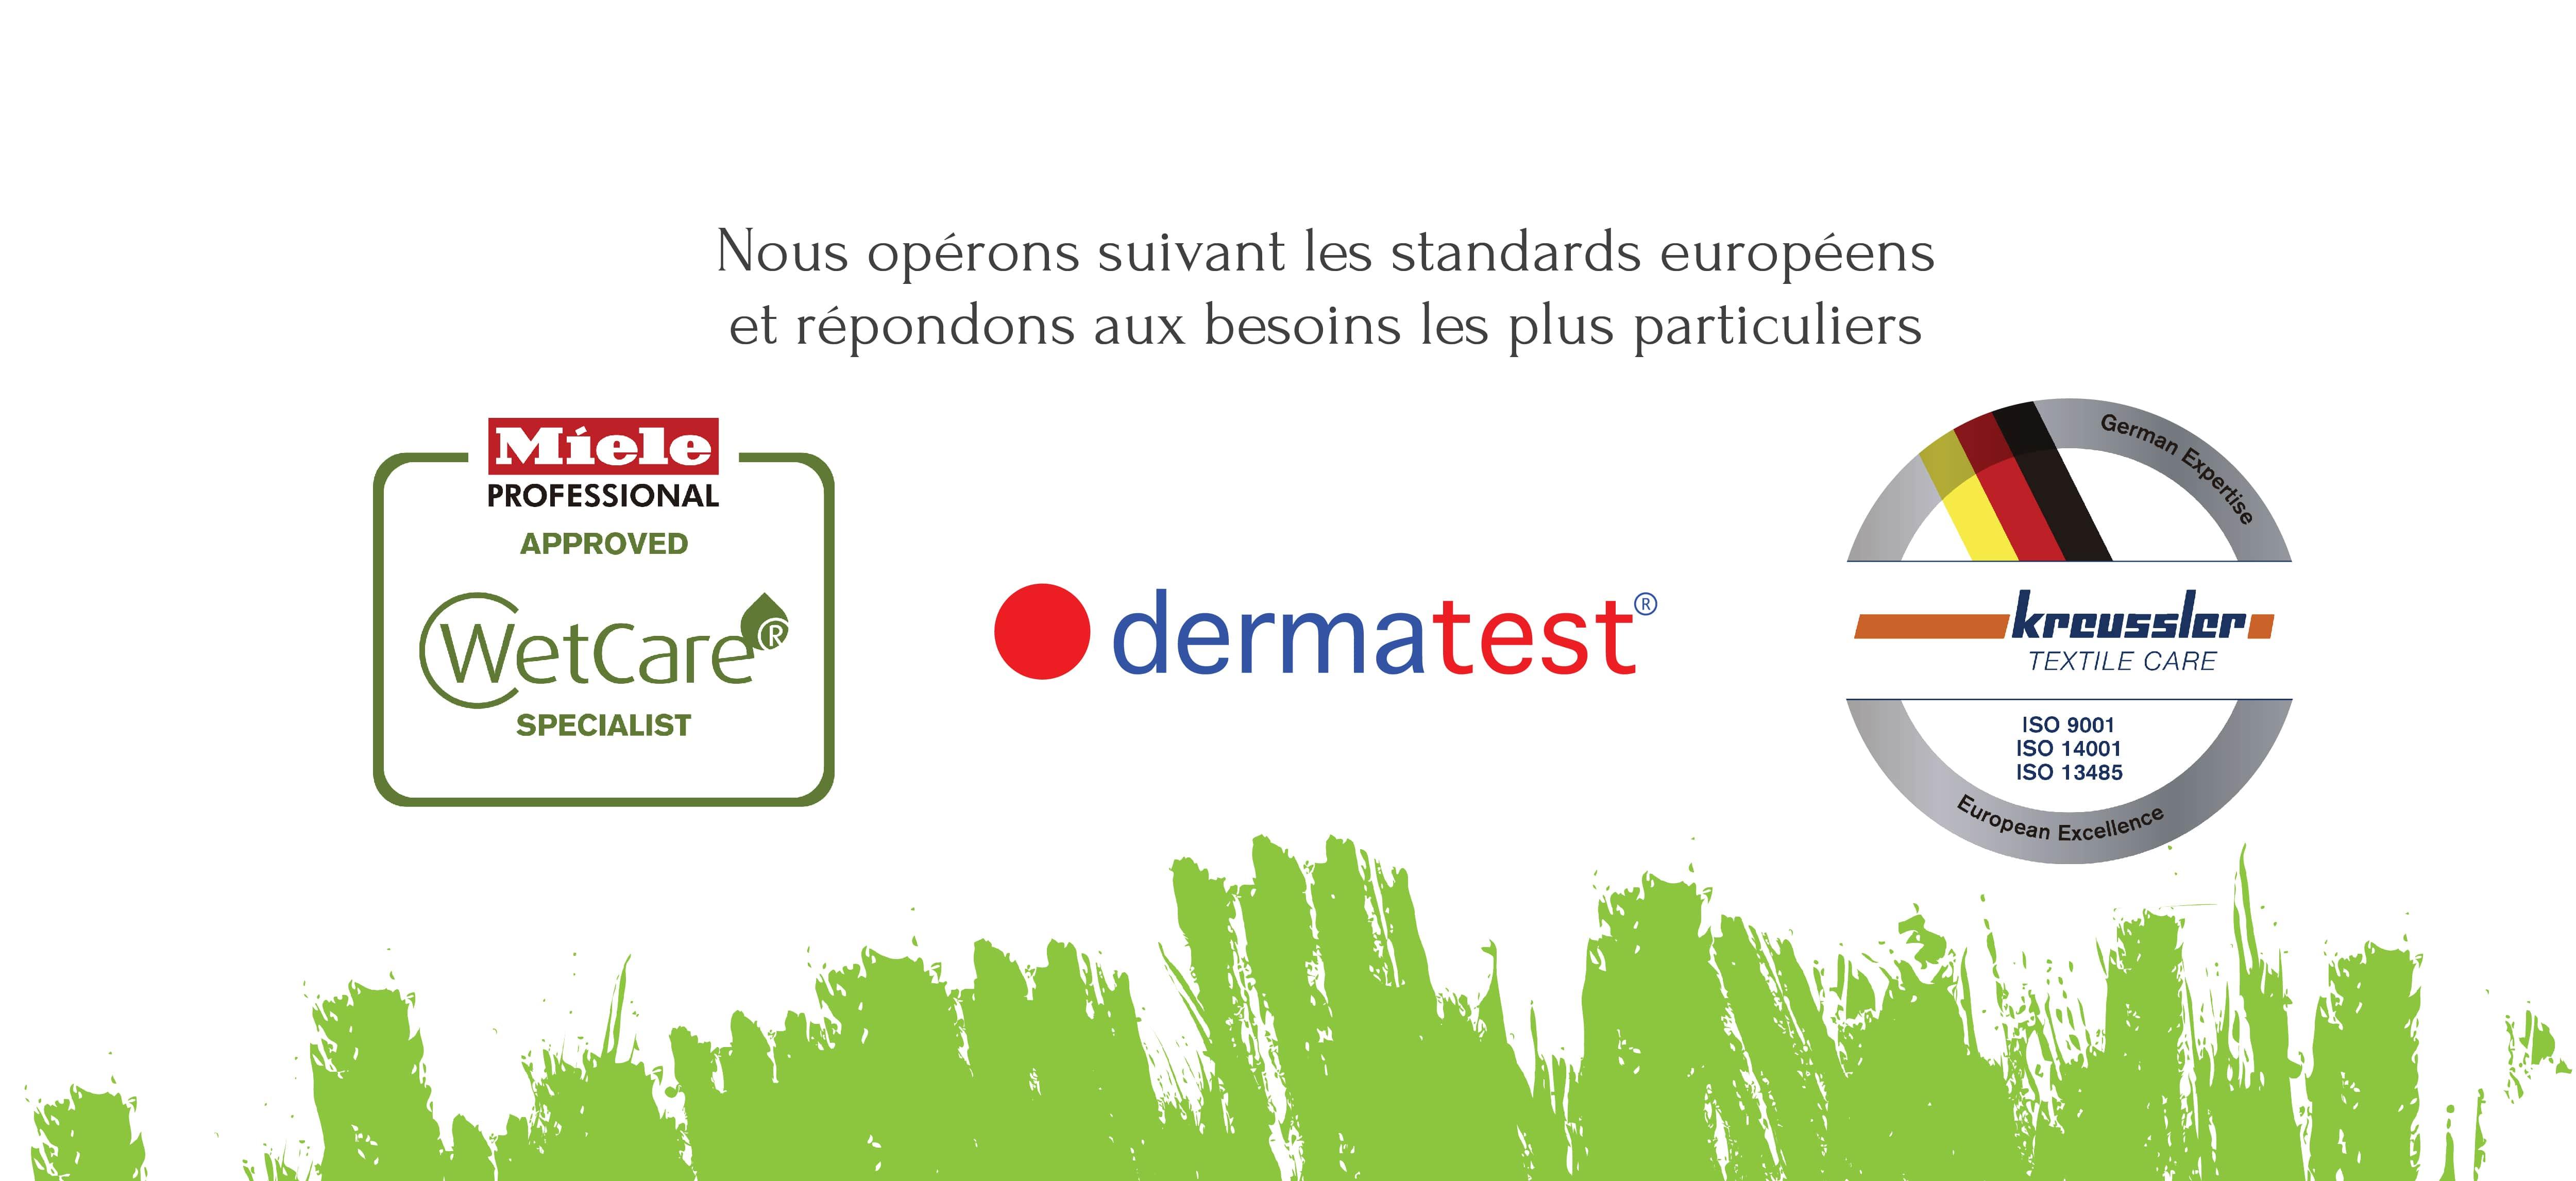 labels qualité textiles dermatologie the laundry day pressing écologique tanger maroc